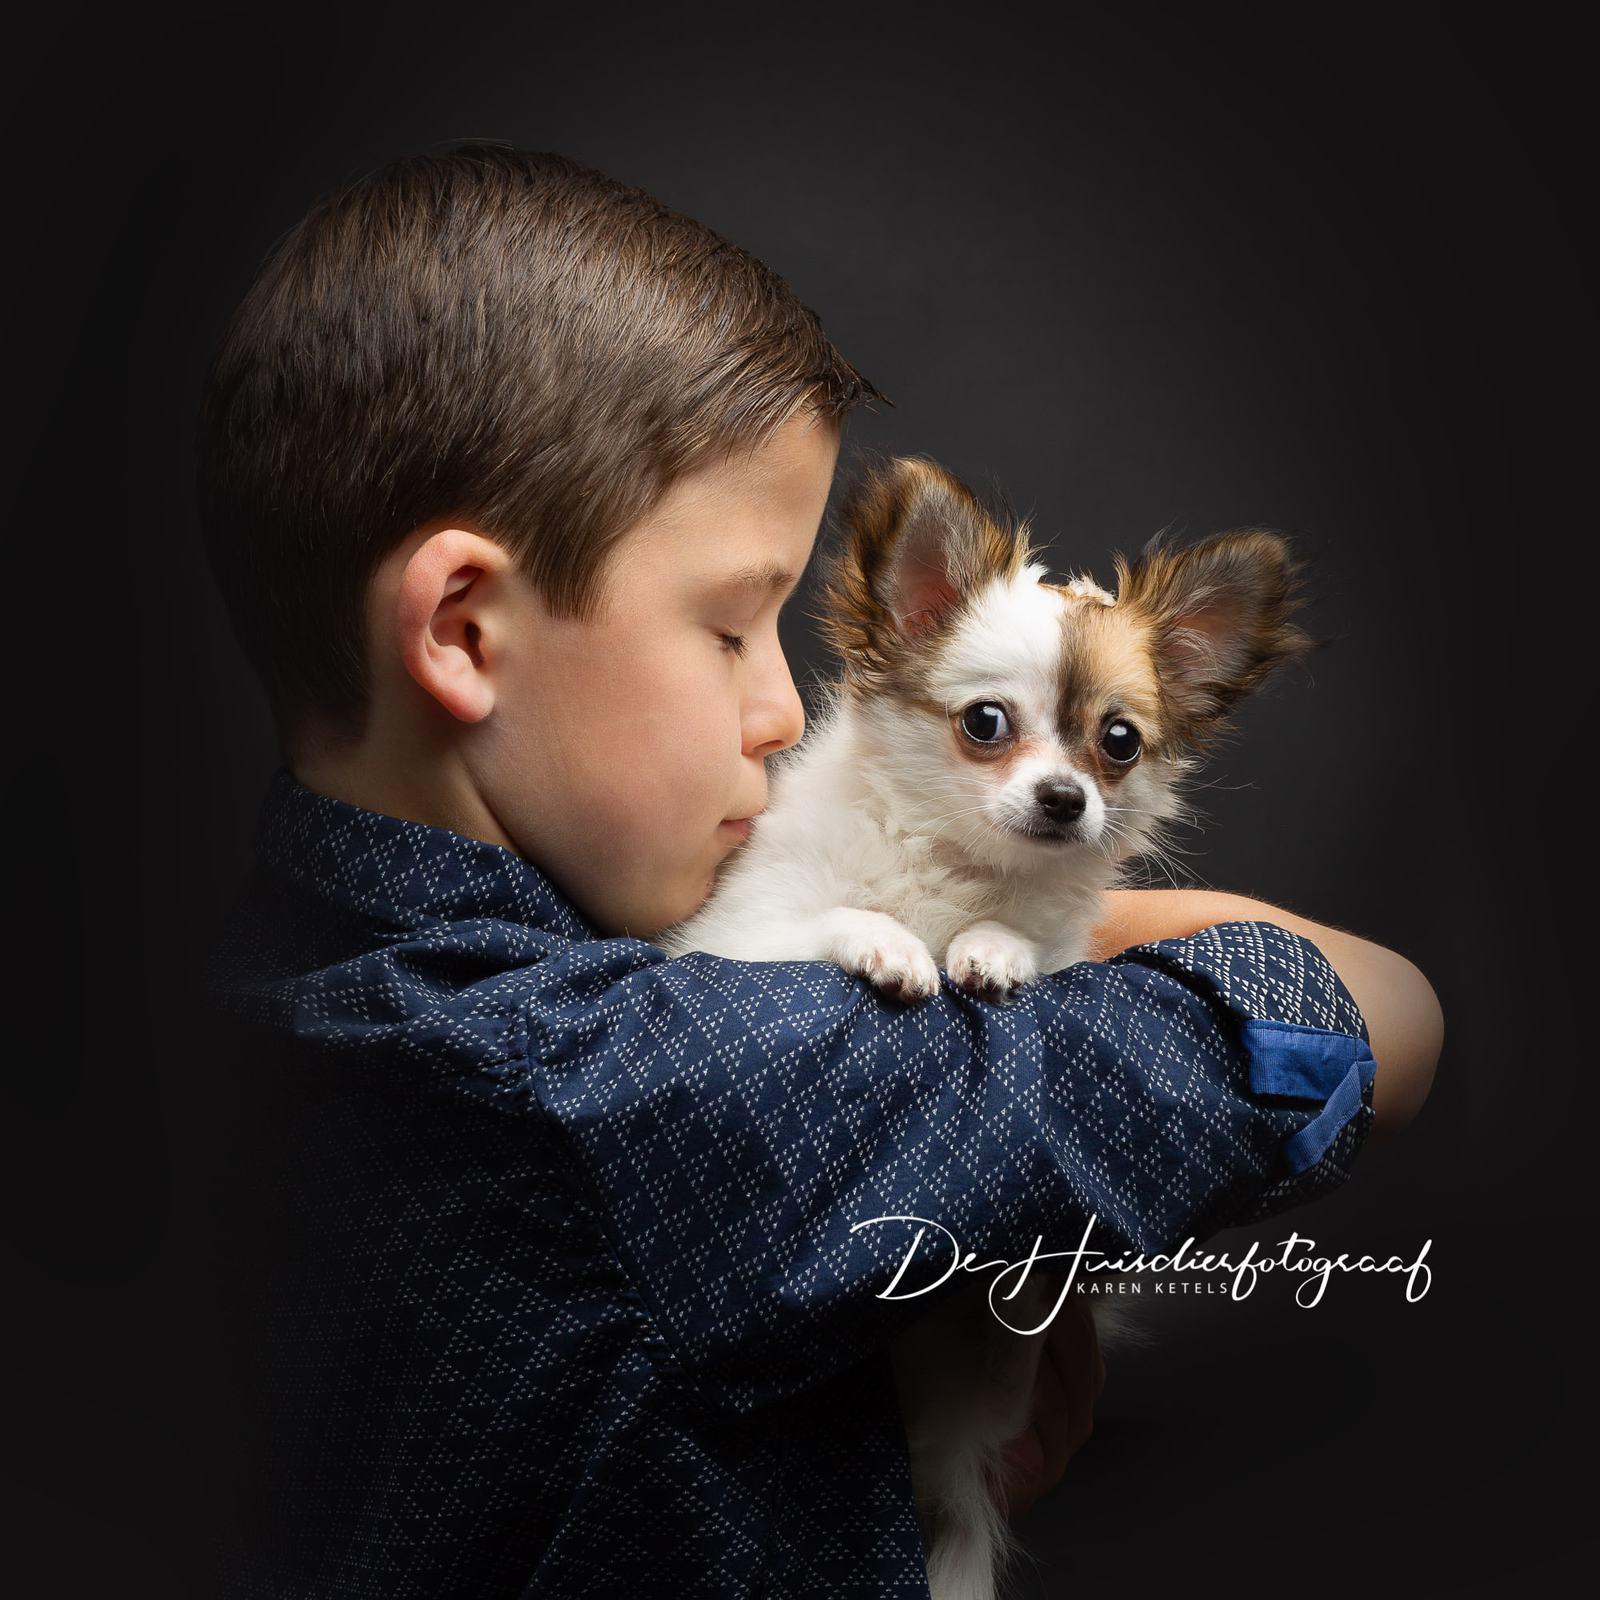 Portret van een jongetje dat zijn chihuahuapup een zoentje geeft. Portret door De Huisdierfotograaf